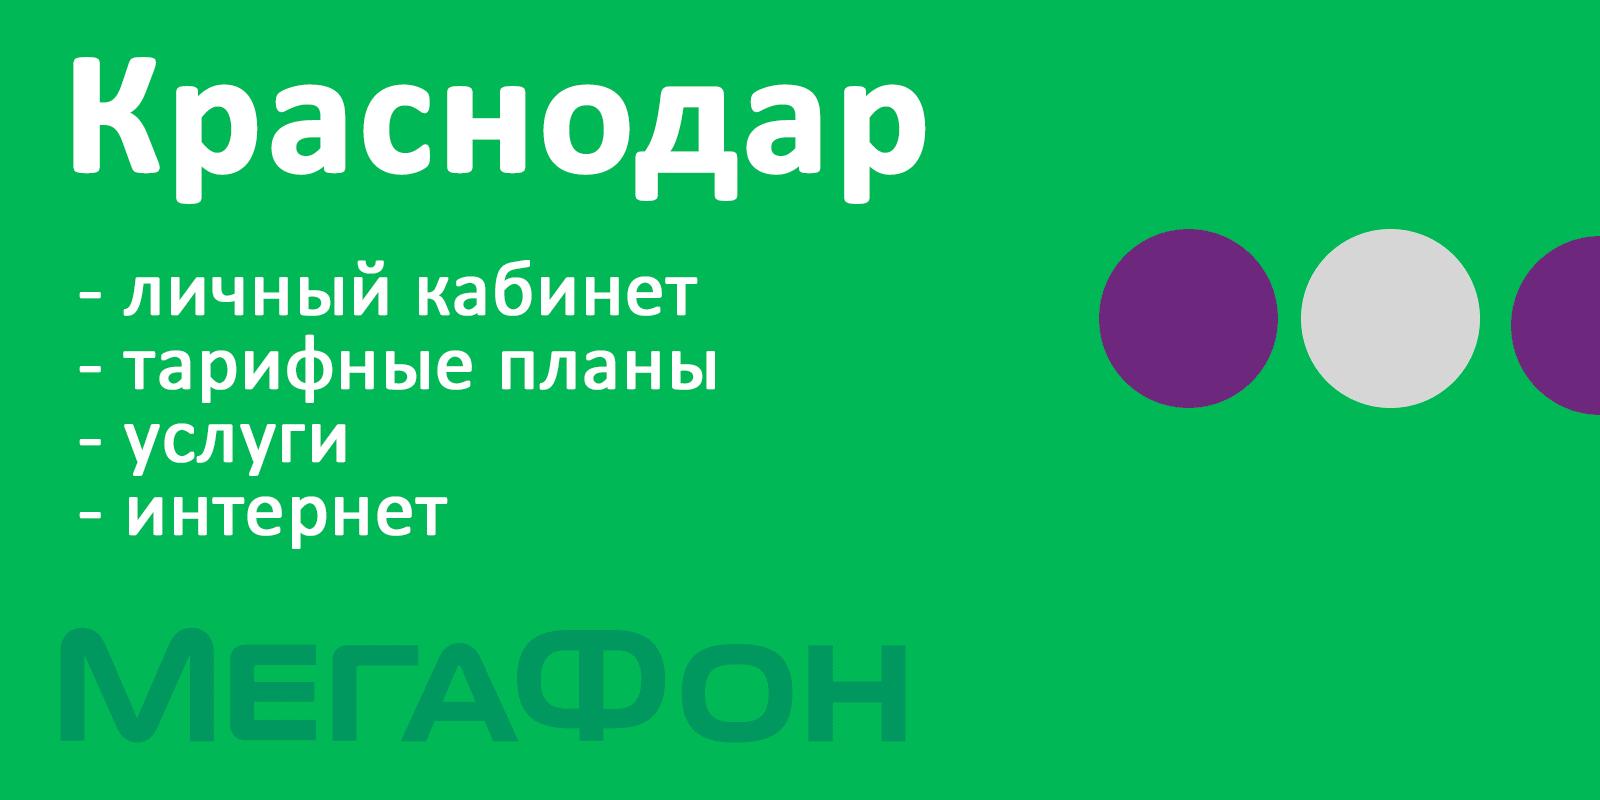 Мегафон Краснодар - личный кабинет, тарифы, сайт